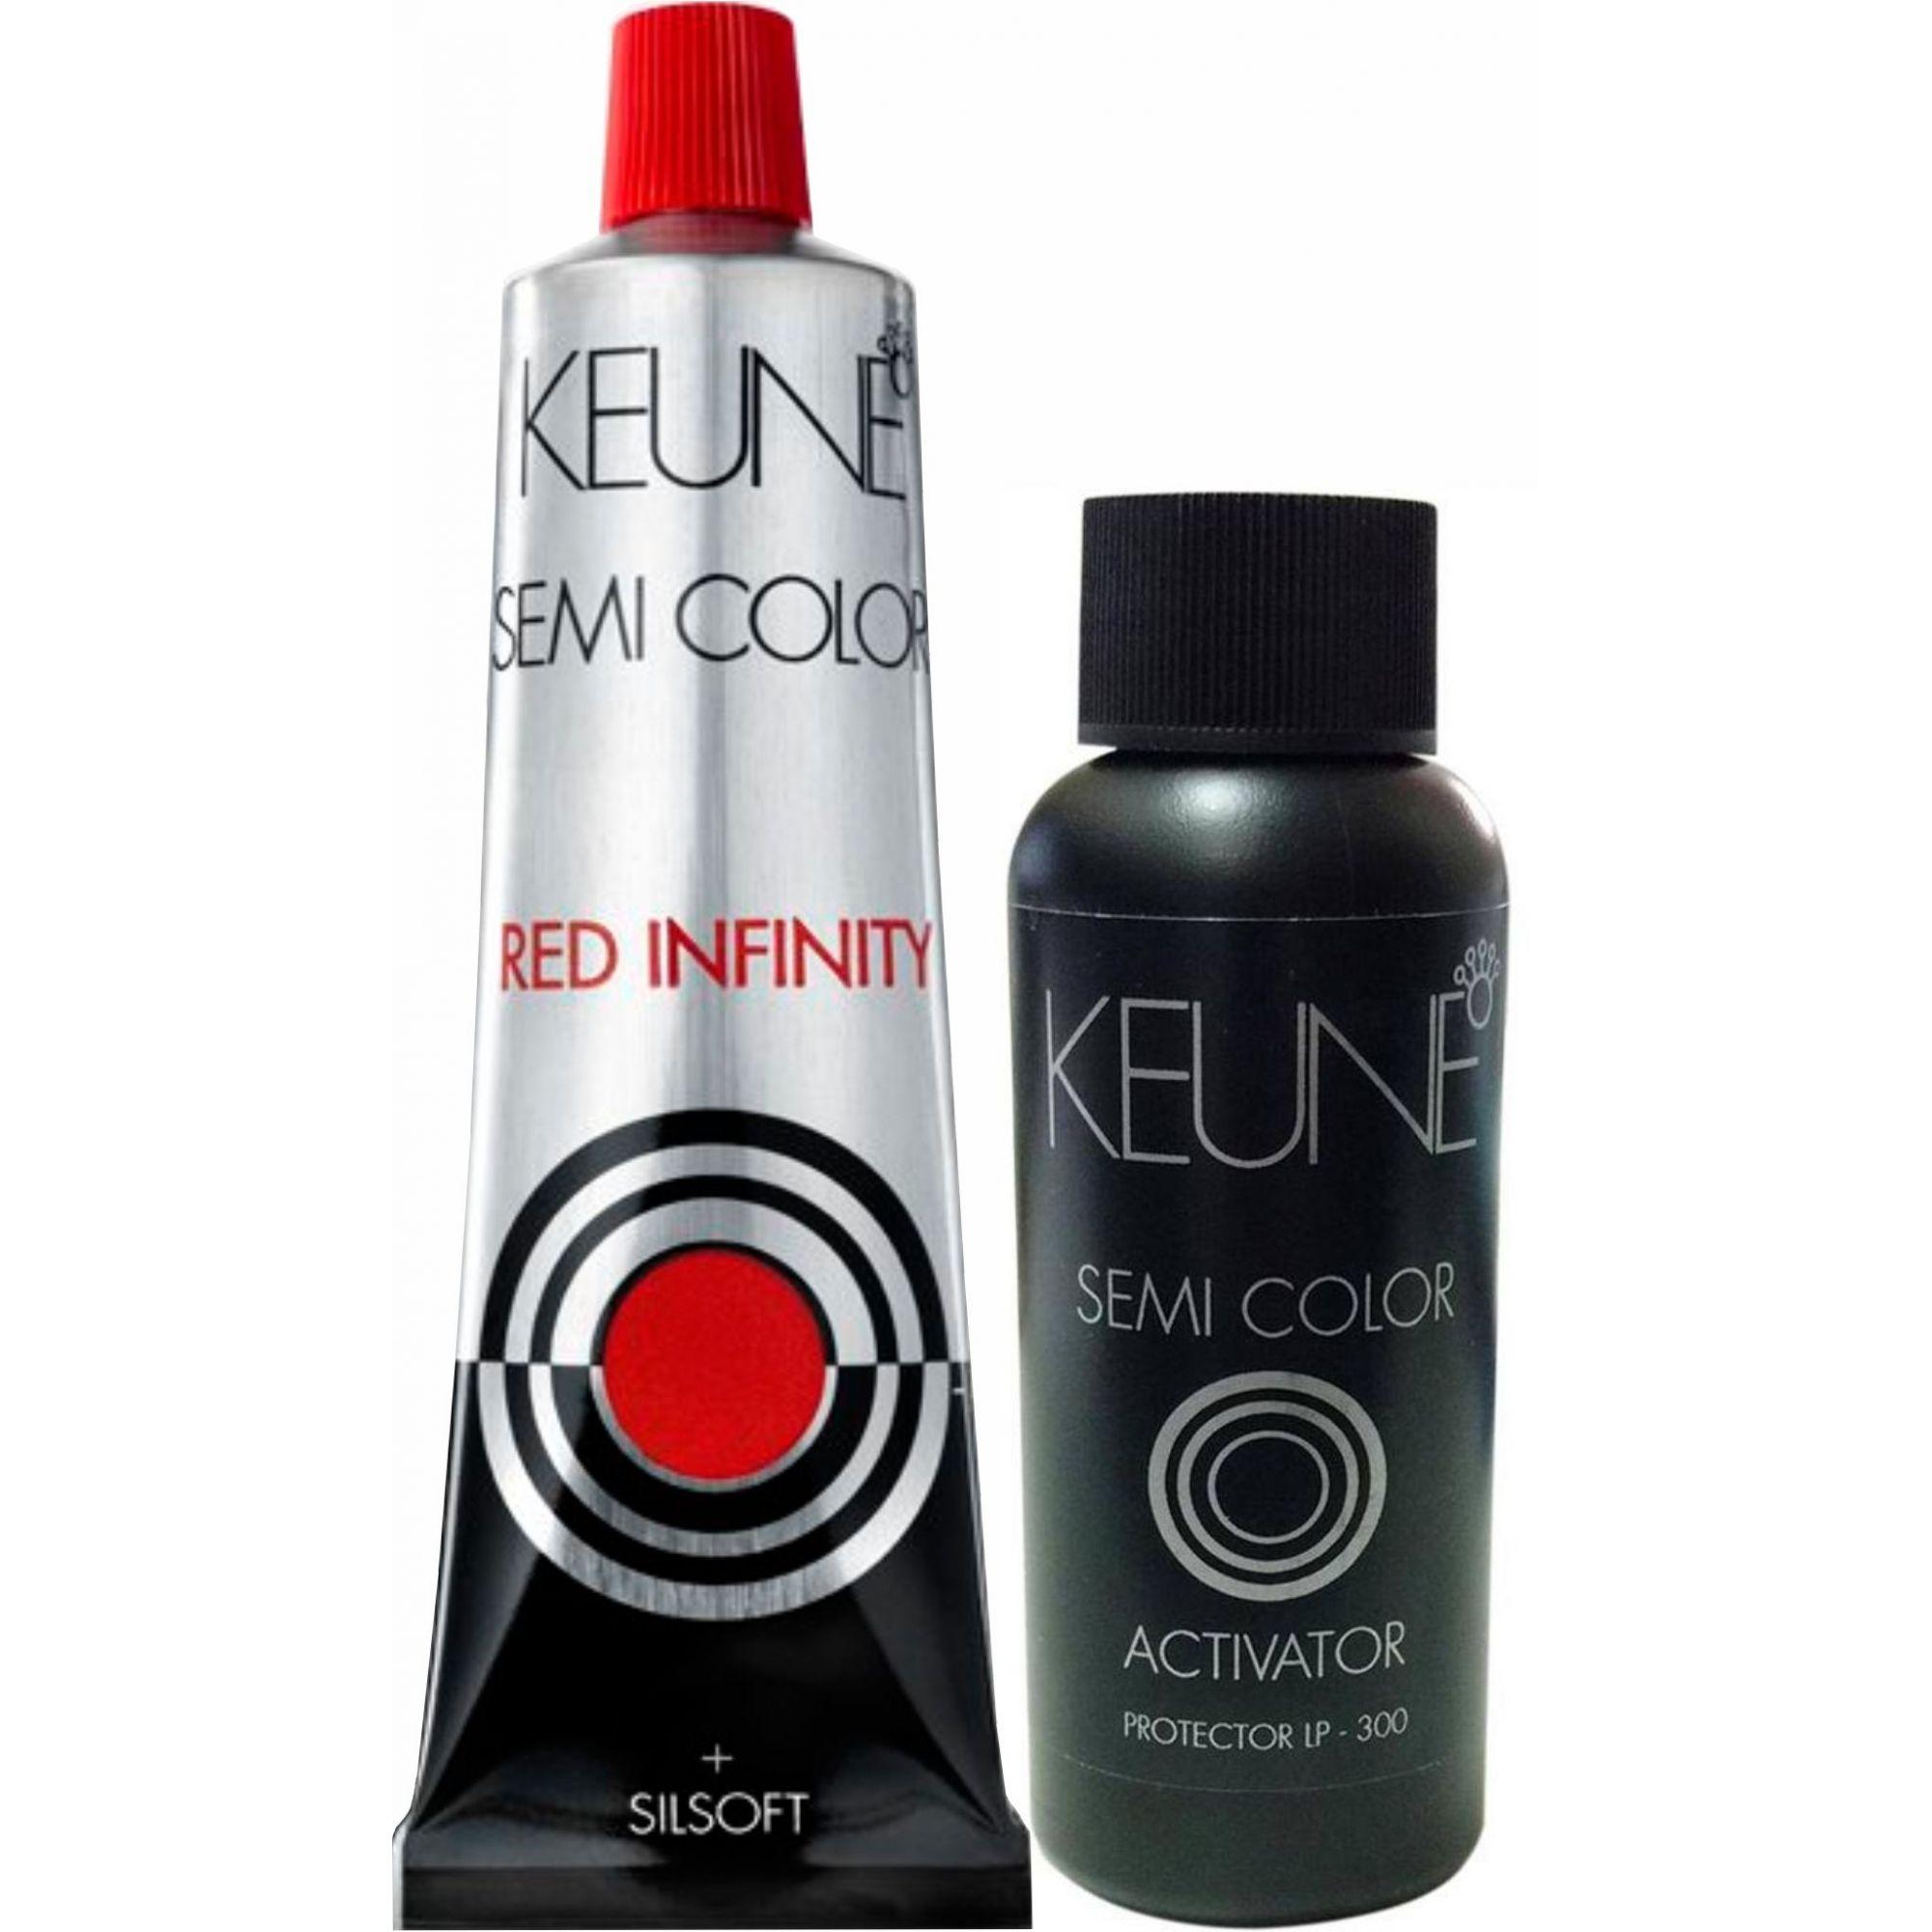 Kit Keune Semi Color RI 60ml - Cor 7.46 - Louro Médio Cobre + Ativador de 60ml